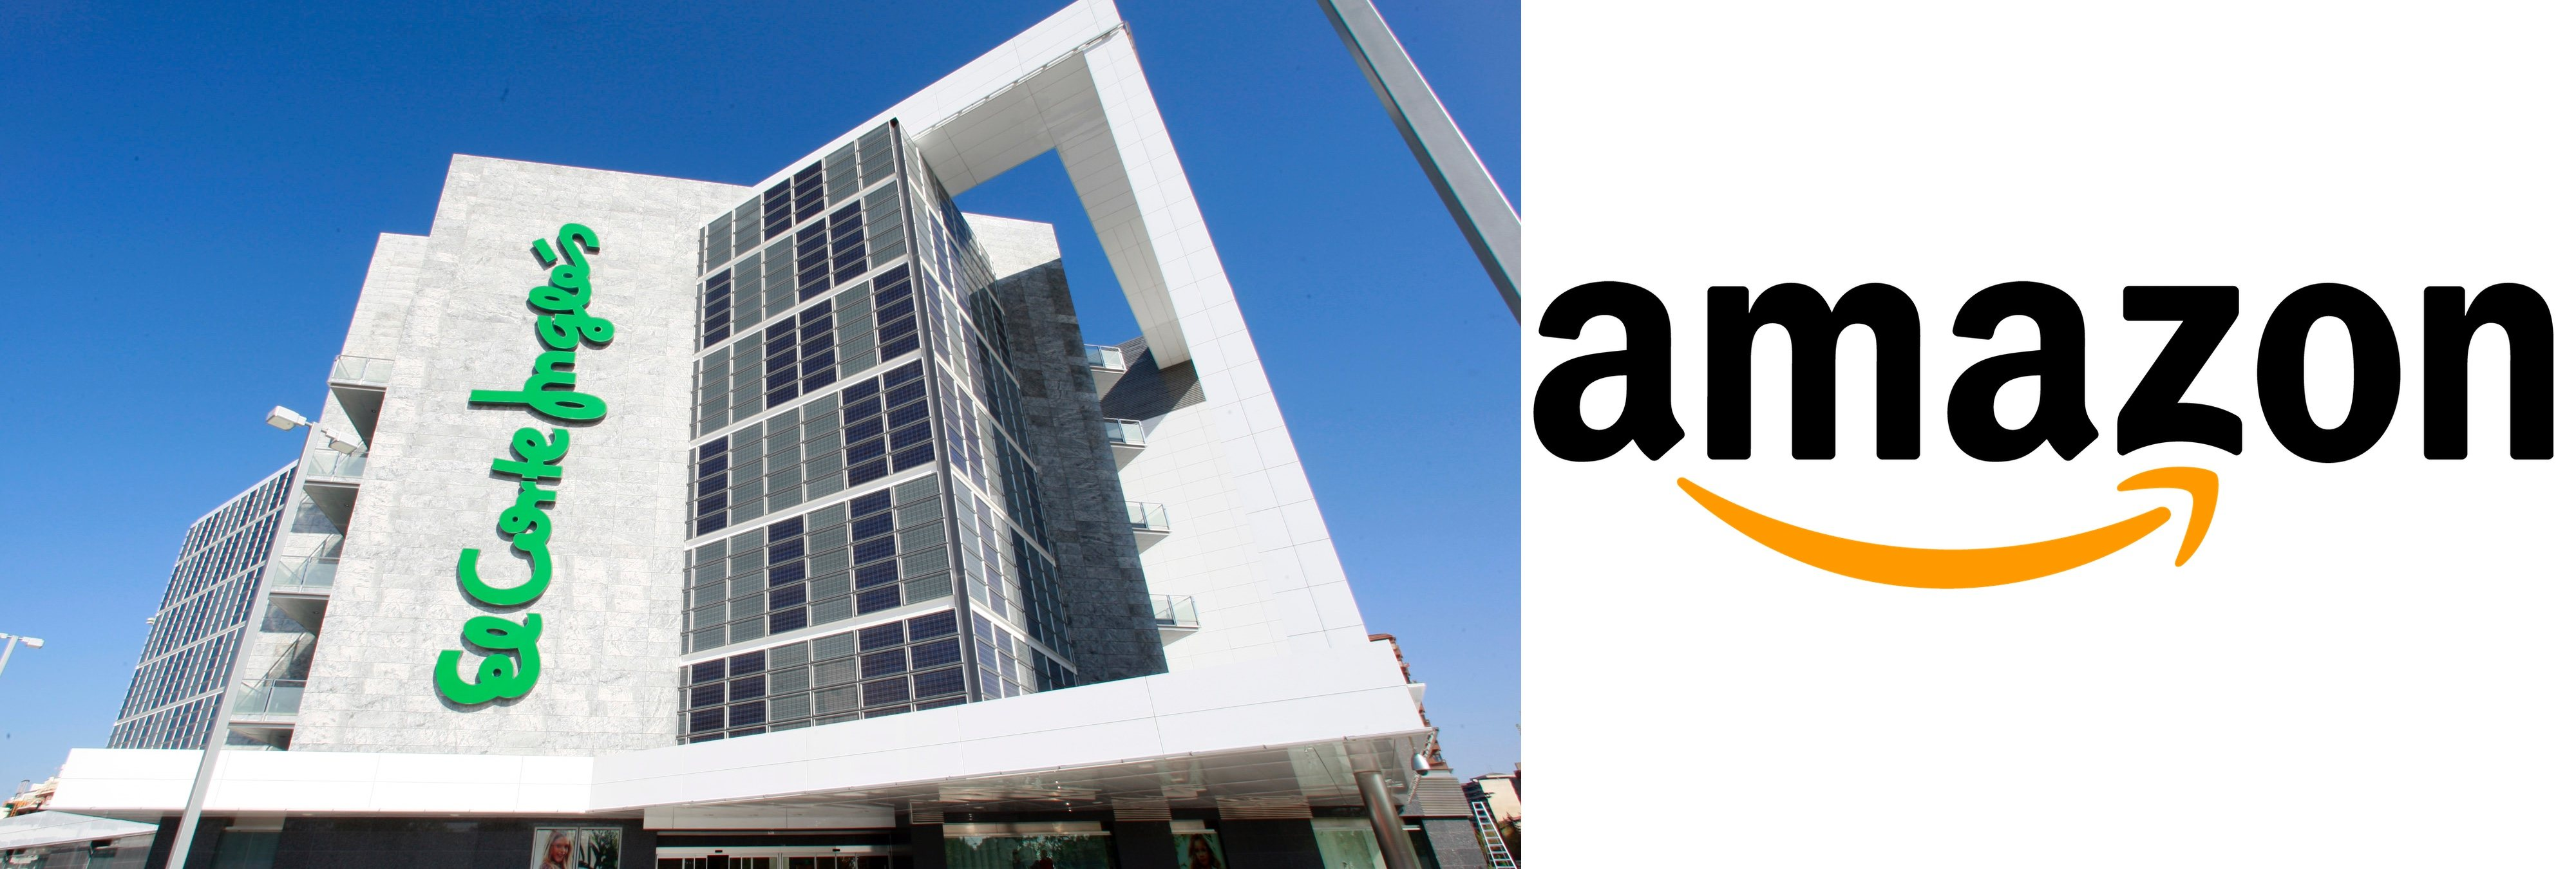 No solo cierres: el plan de El Corte Inglés para reducir centros y convertirse en el nuevo Amazon